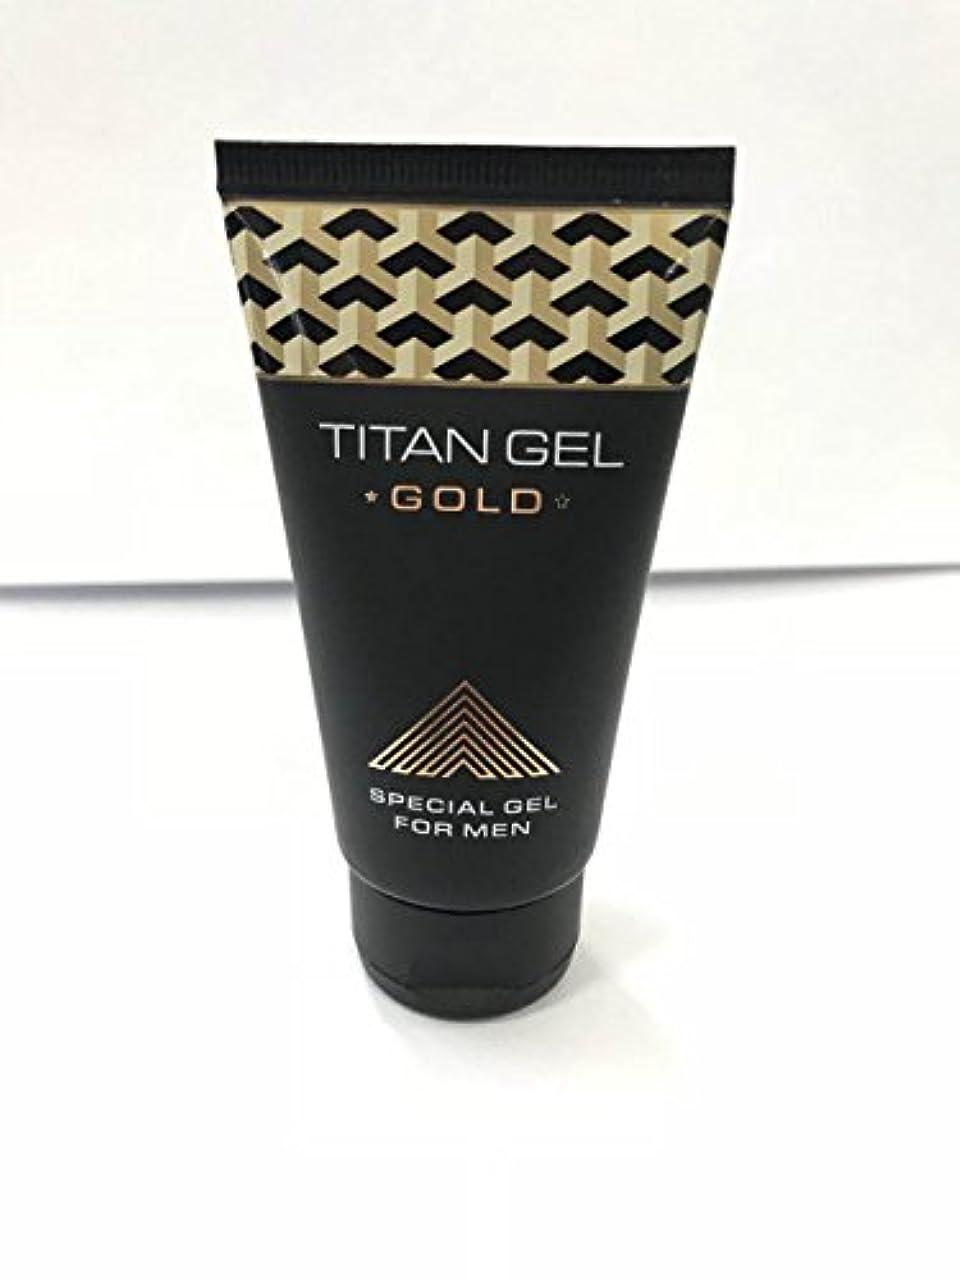 アルネ細部屋内でタイタンジェル ゴールド Titan gel Gold 50ml 4箱セット 日本語説明付き [並行輸入品]